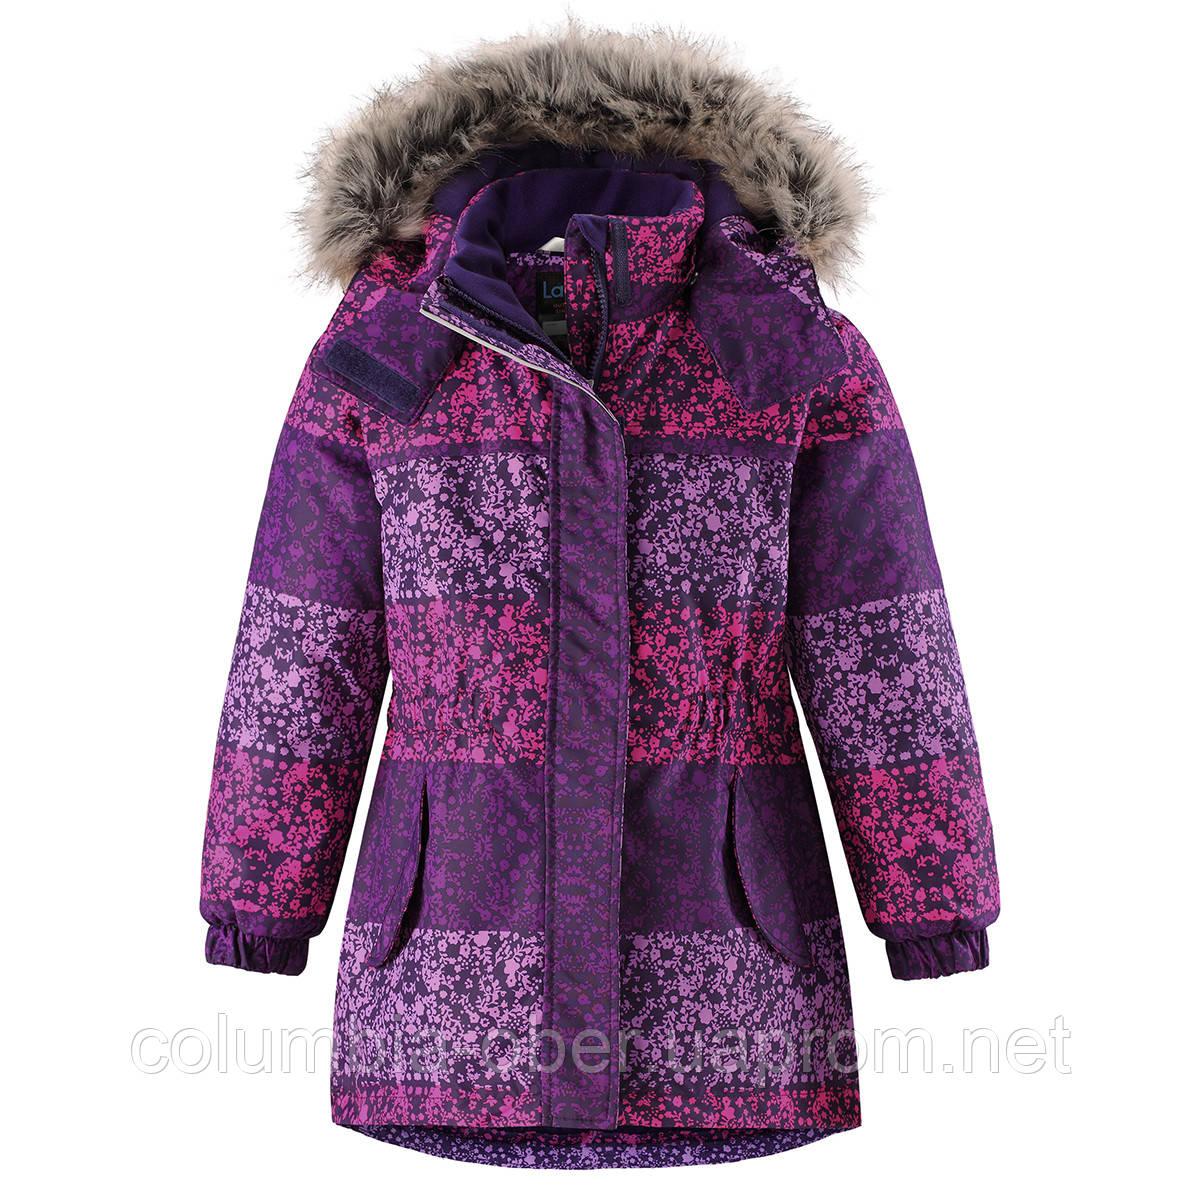 Зимняя куртка-парка для девочек Lassie 721736-5581. Размеры 92-110.